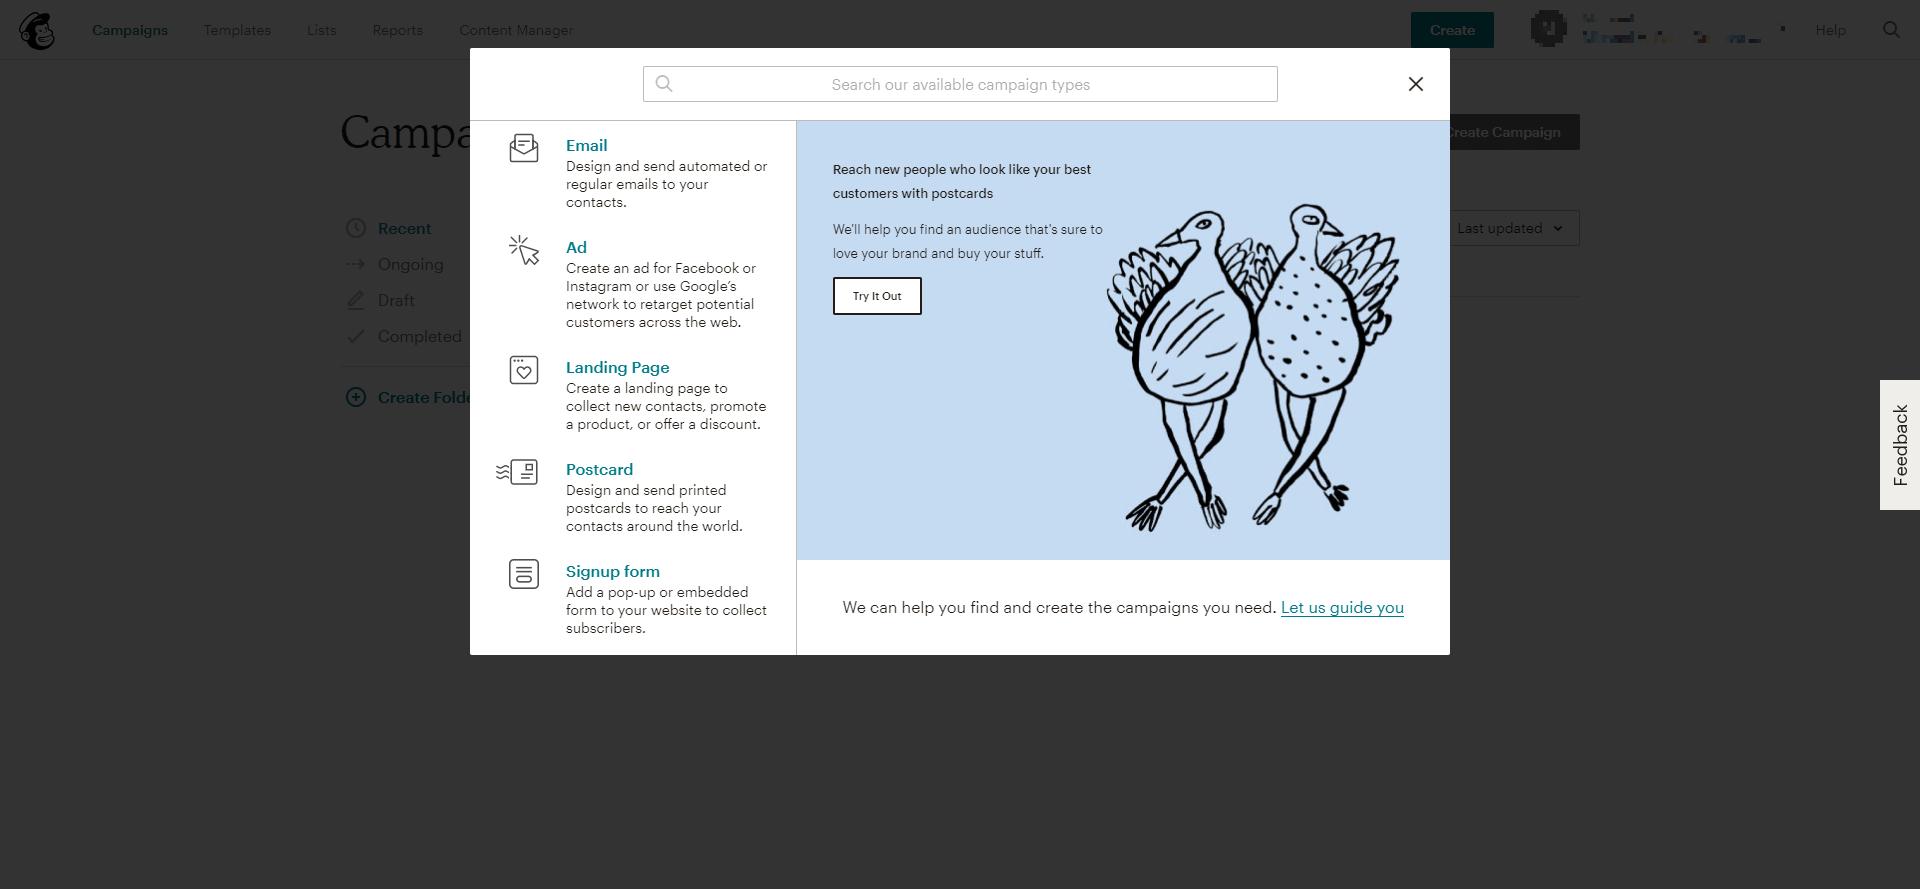 MailChimp campaign types